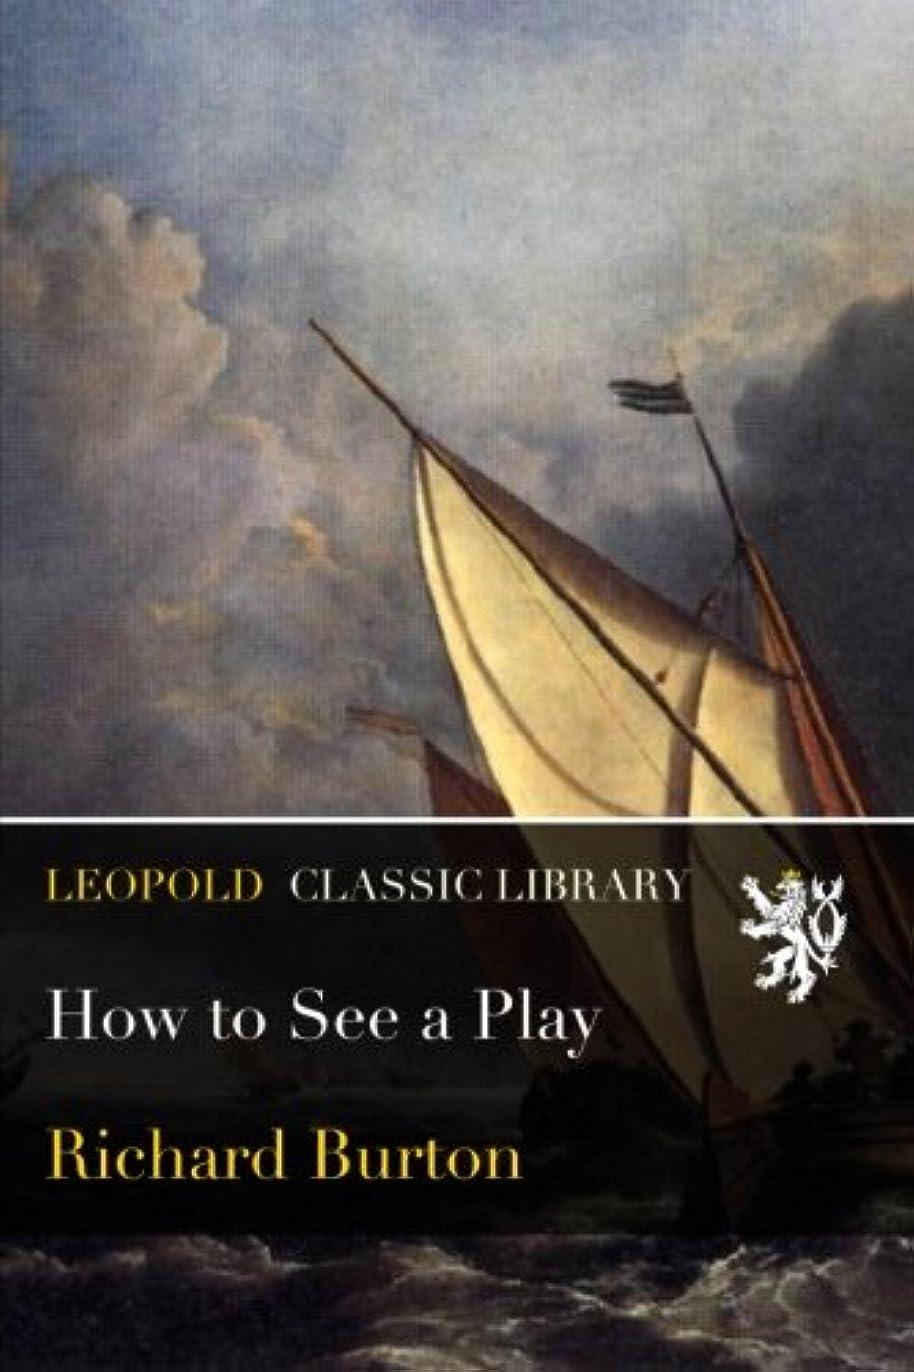 チャールズキージング百科事典フェロー諸島How to See a Play